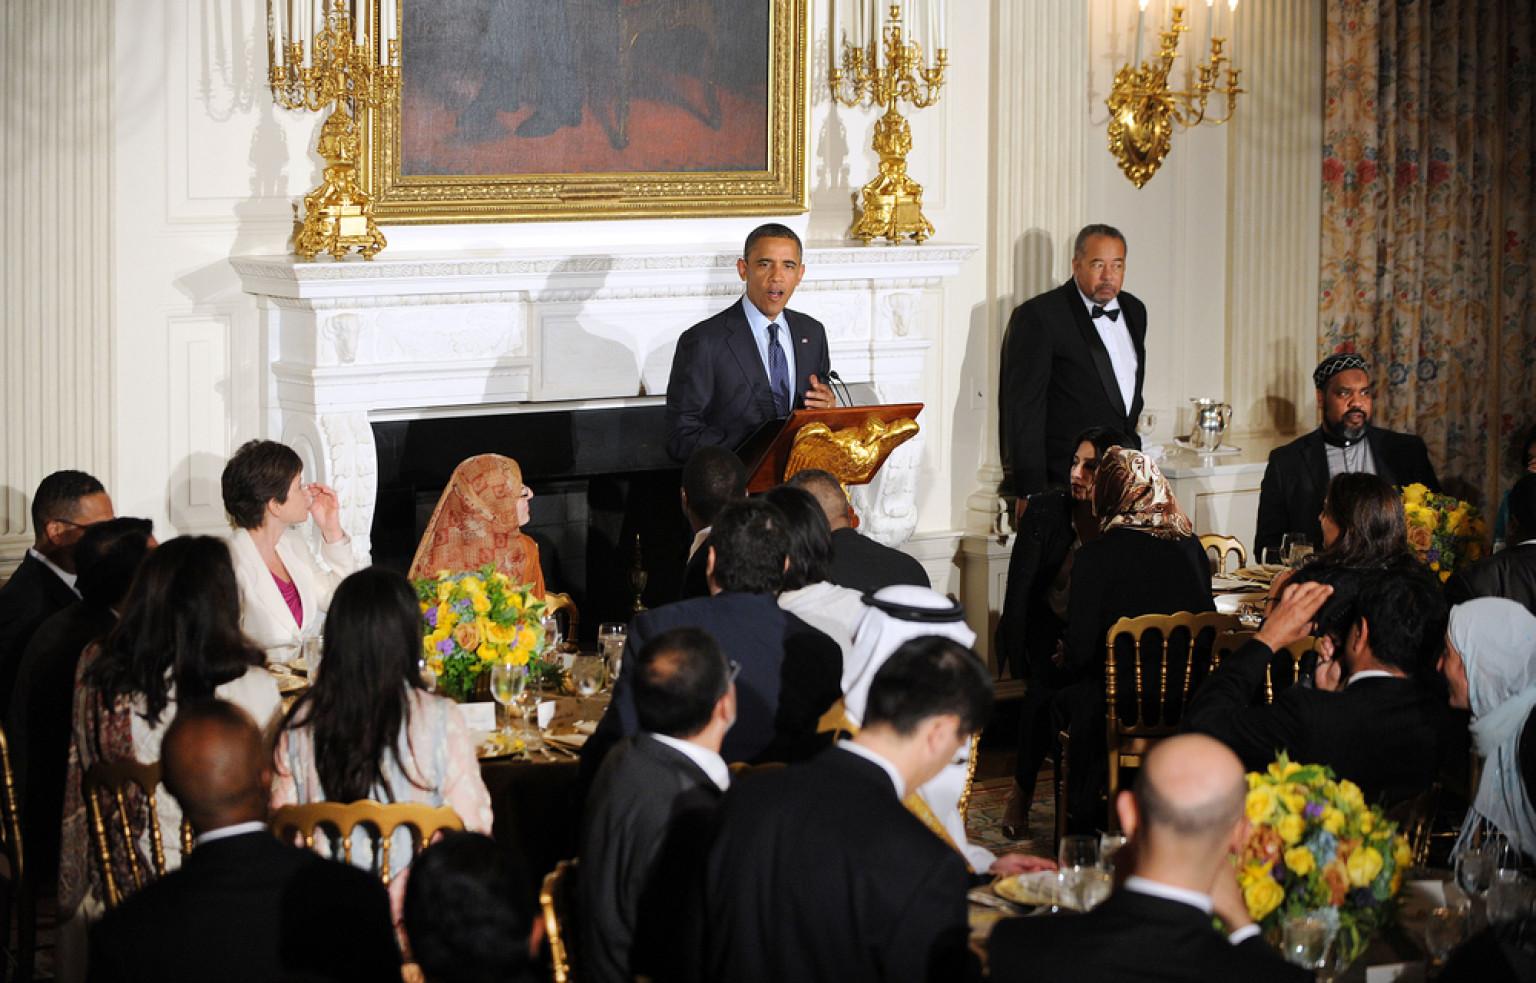 О чем поведал Обама на торжественном ифтаре в Белом доме